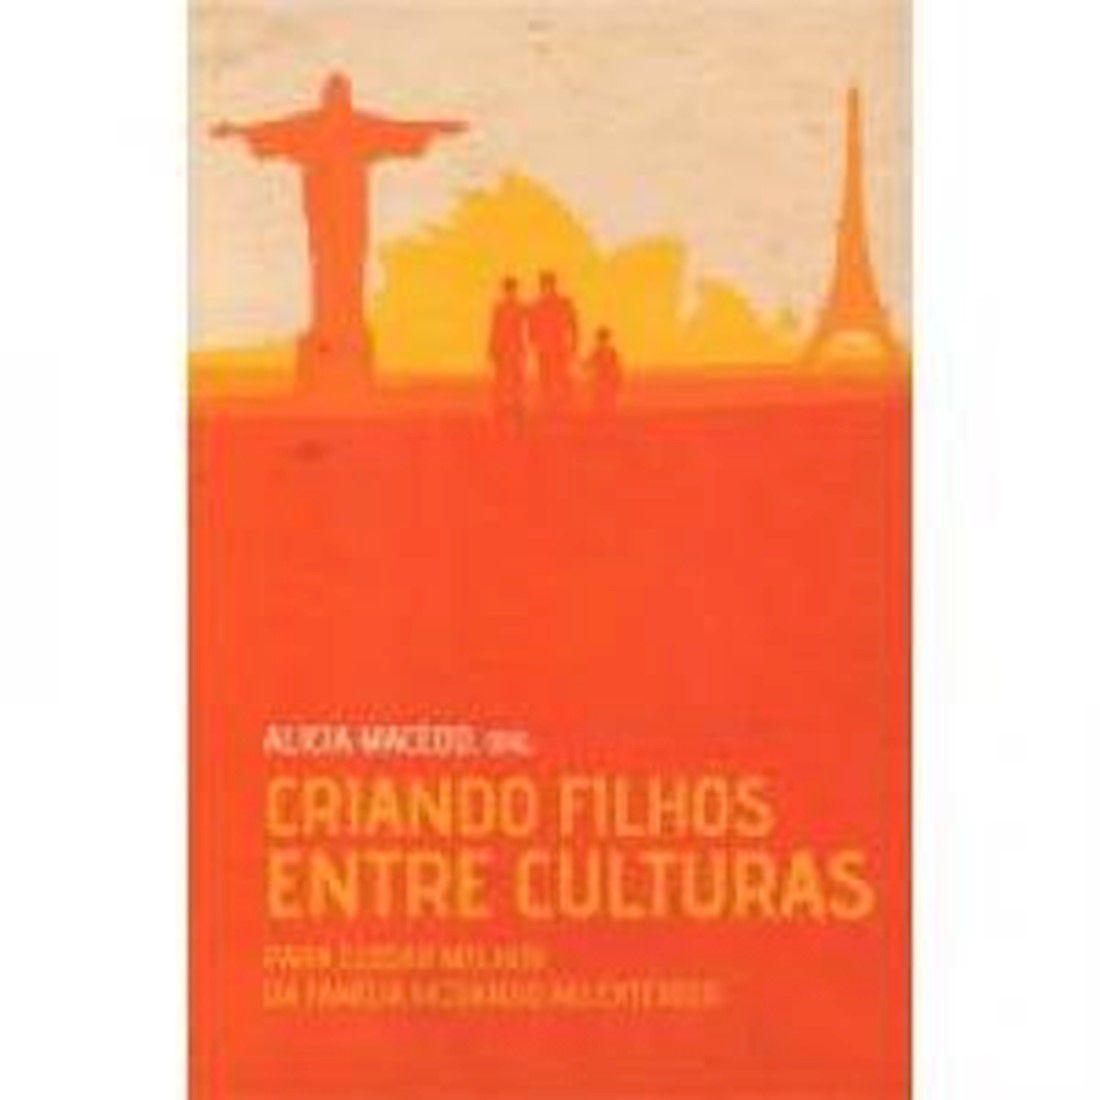 Livro Criando Filhos Entre Culturas - Produto Reembalado